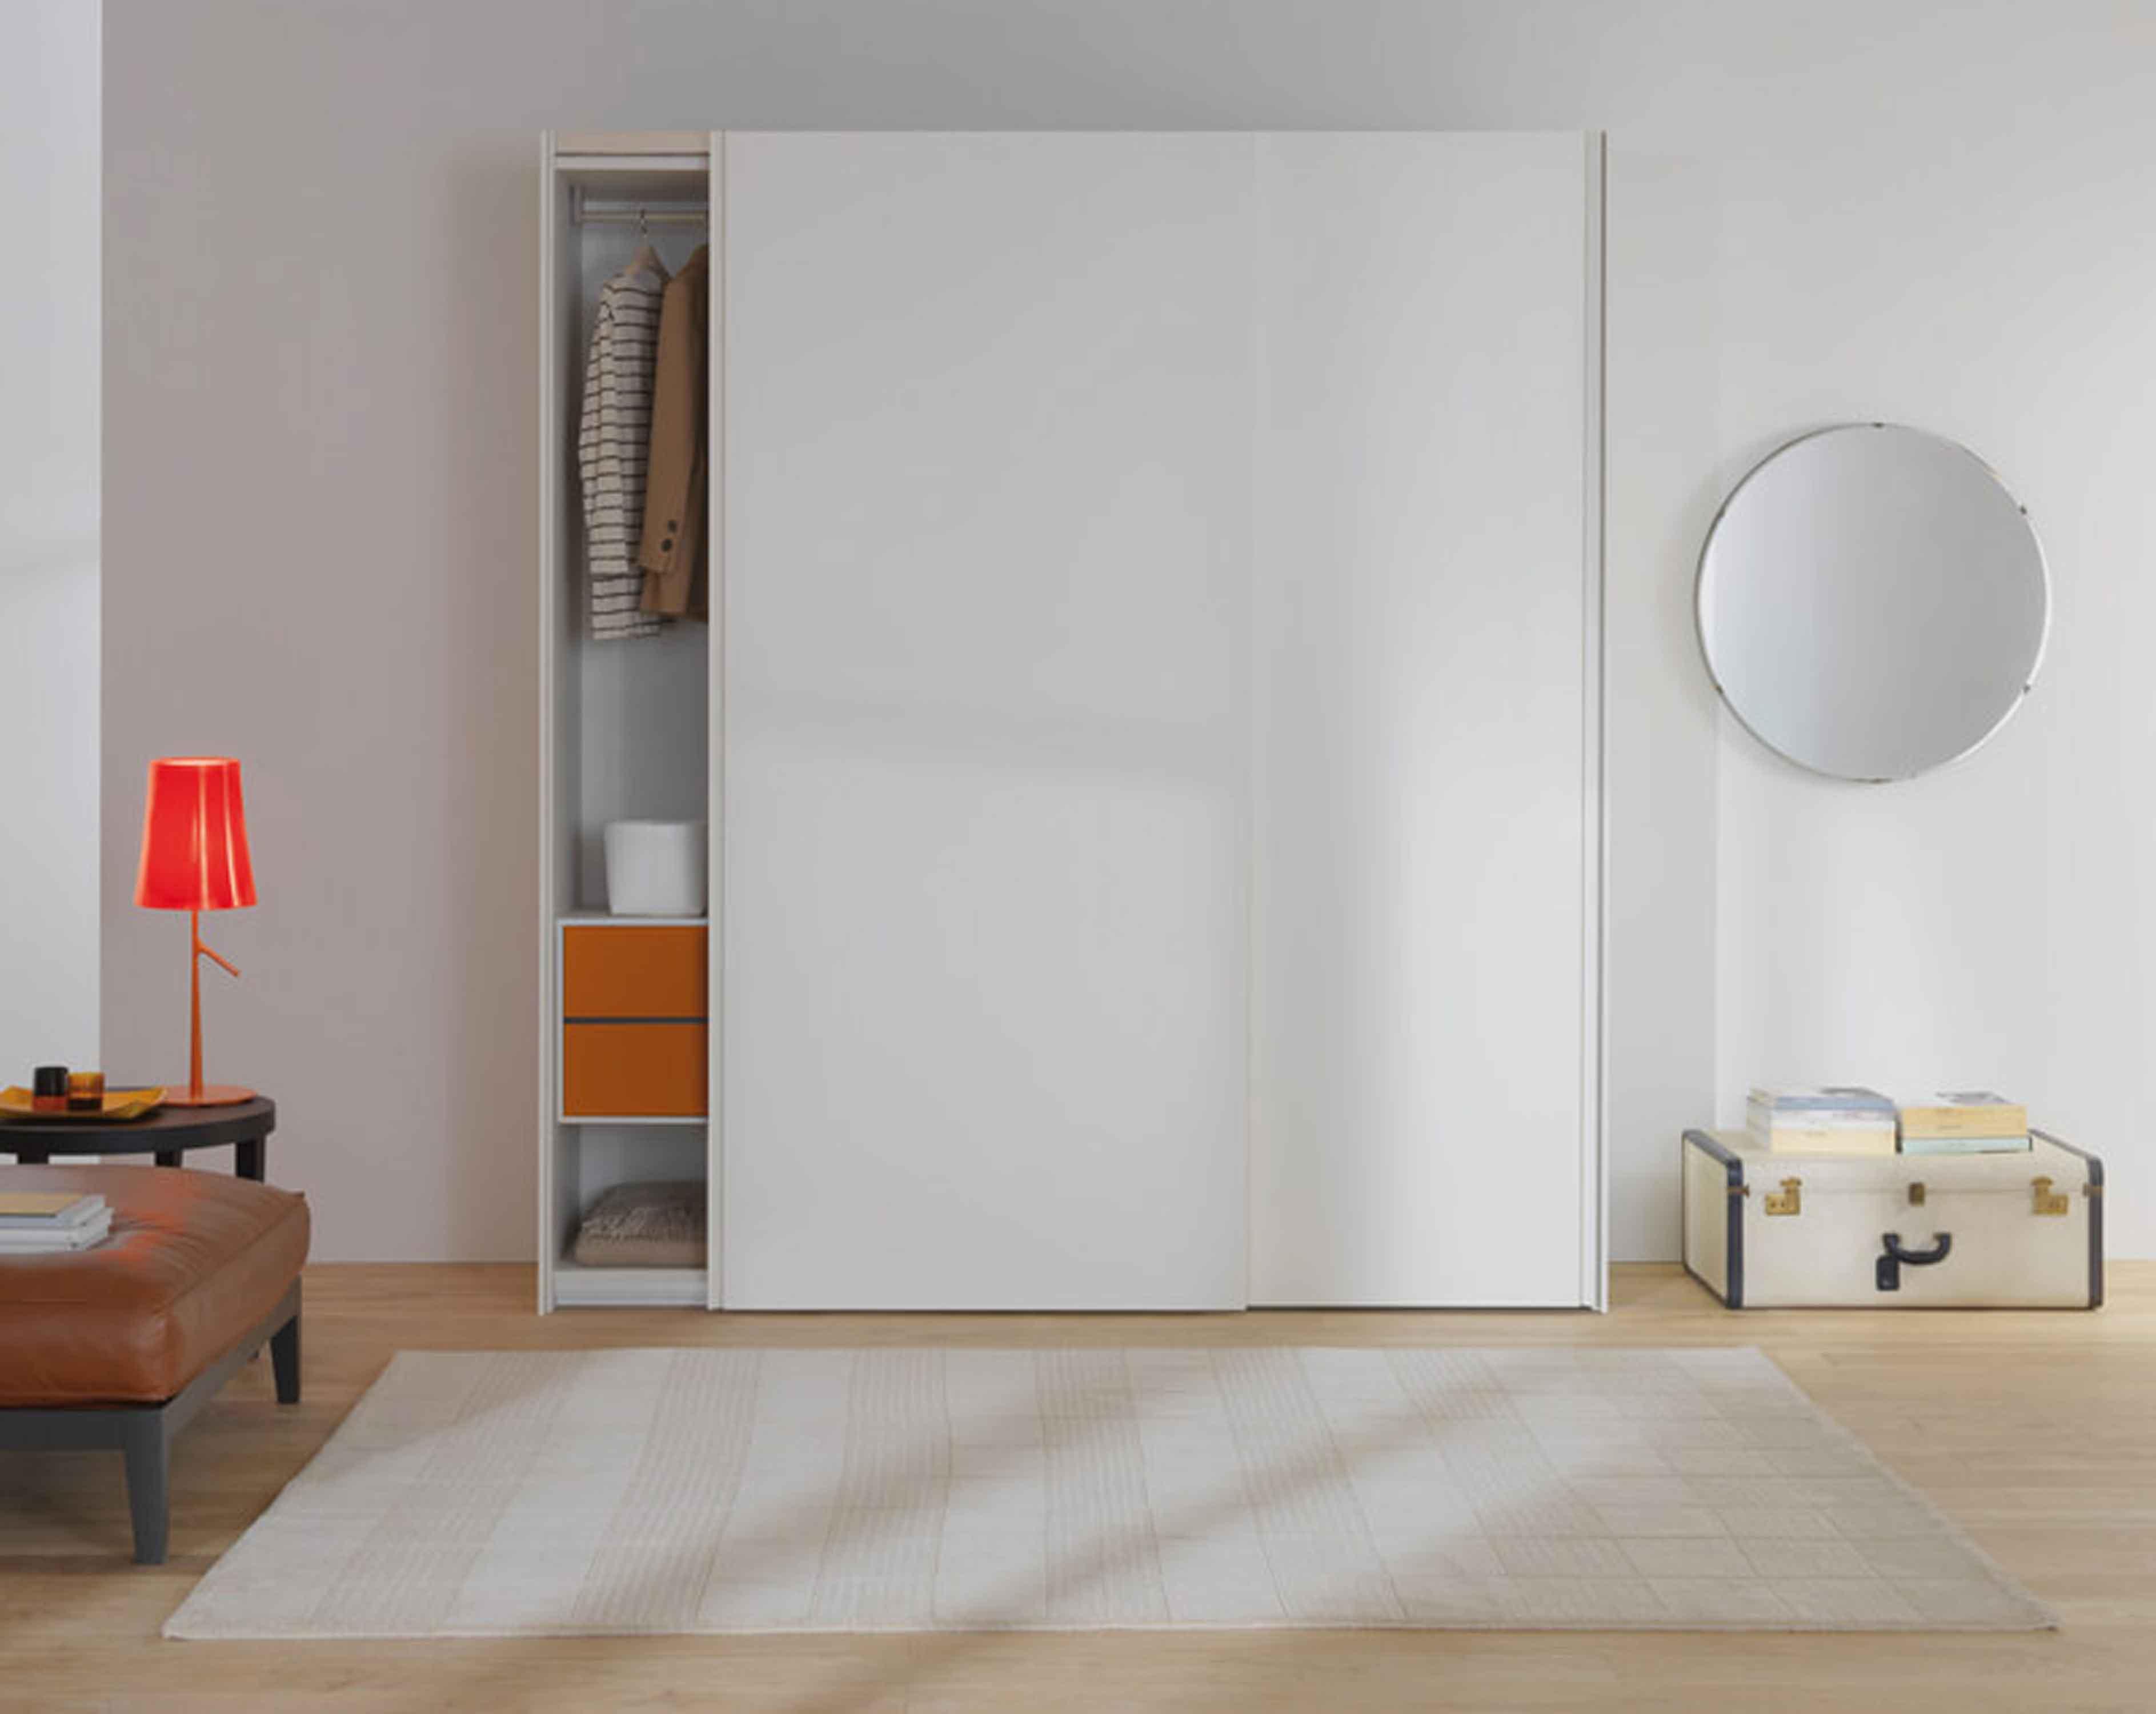 06S_Estel_wardrobe-walk-incloset_ARMADIO-BIANCO